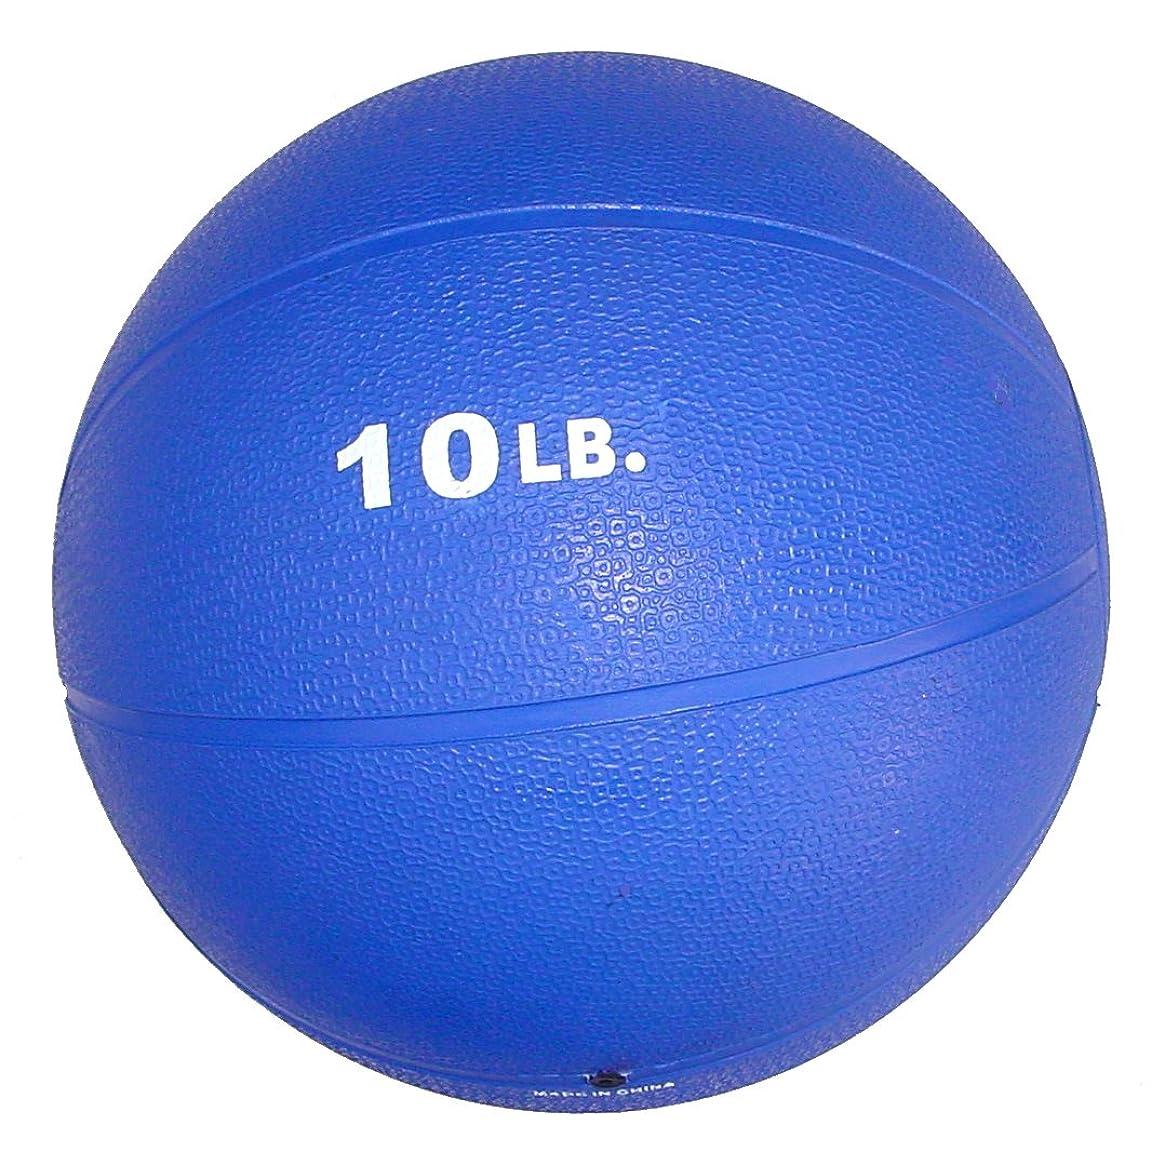 ライタードックあなたのものアポロAthletics Rubber Medicine Ball